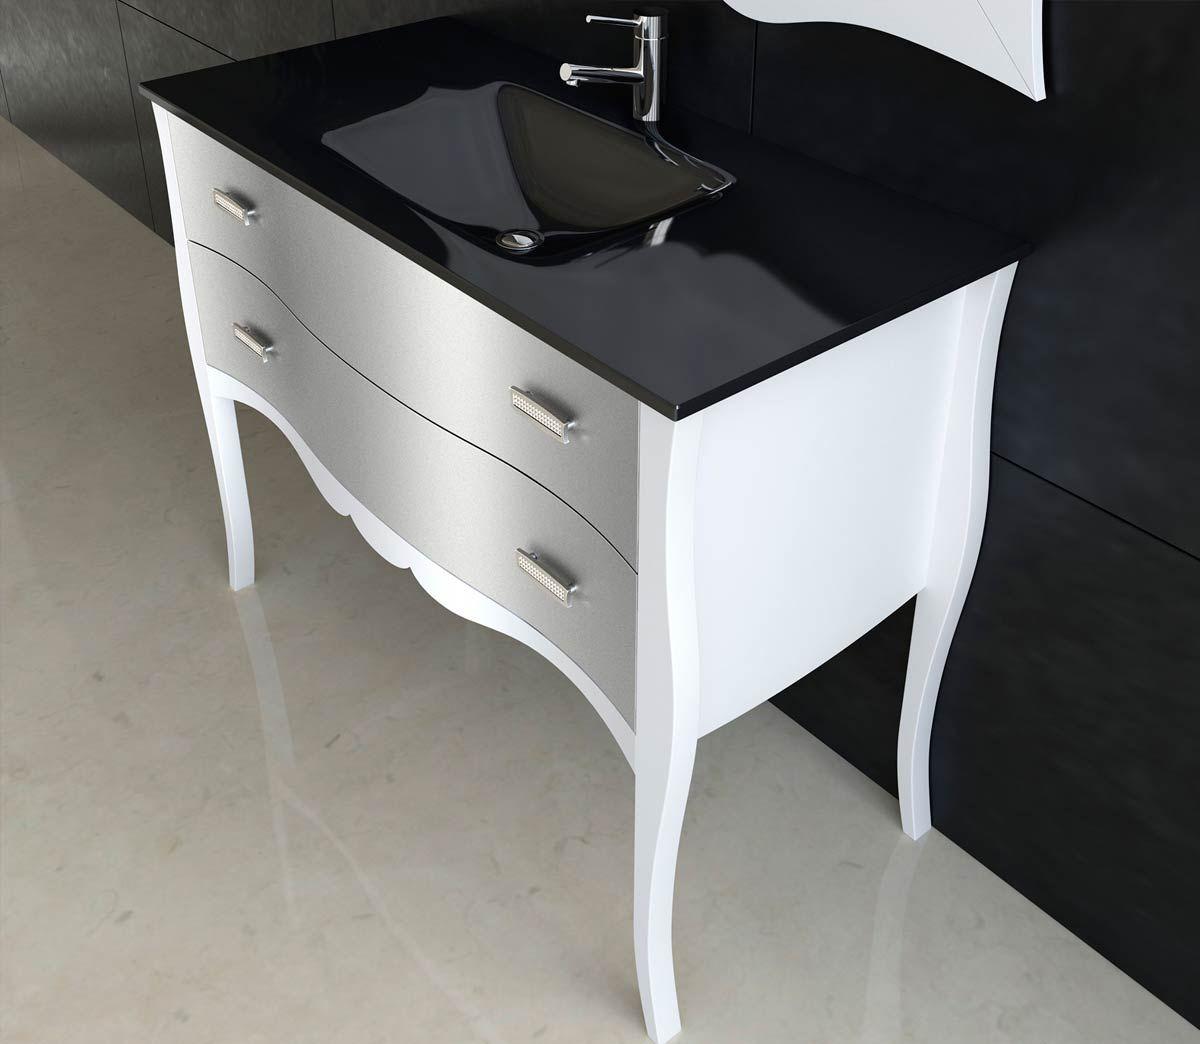 Muebles De Bano Clasico Muebles De Ba O Pinterest # Muebles Potugueses